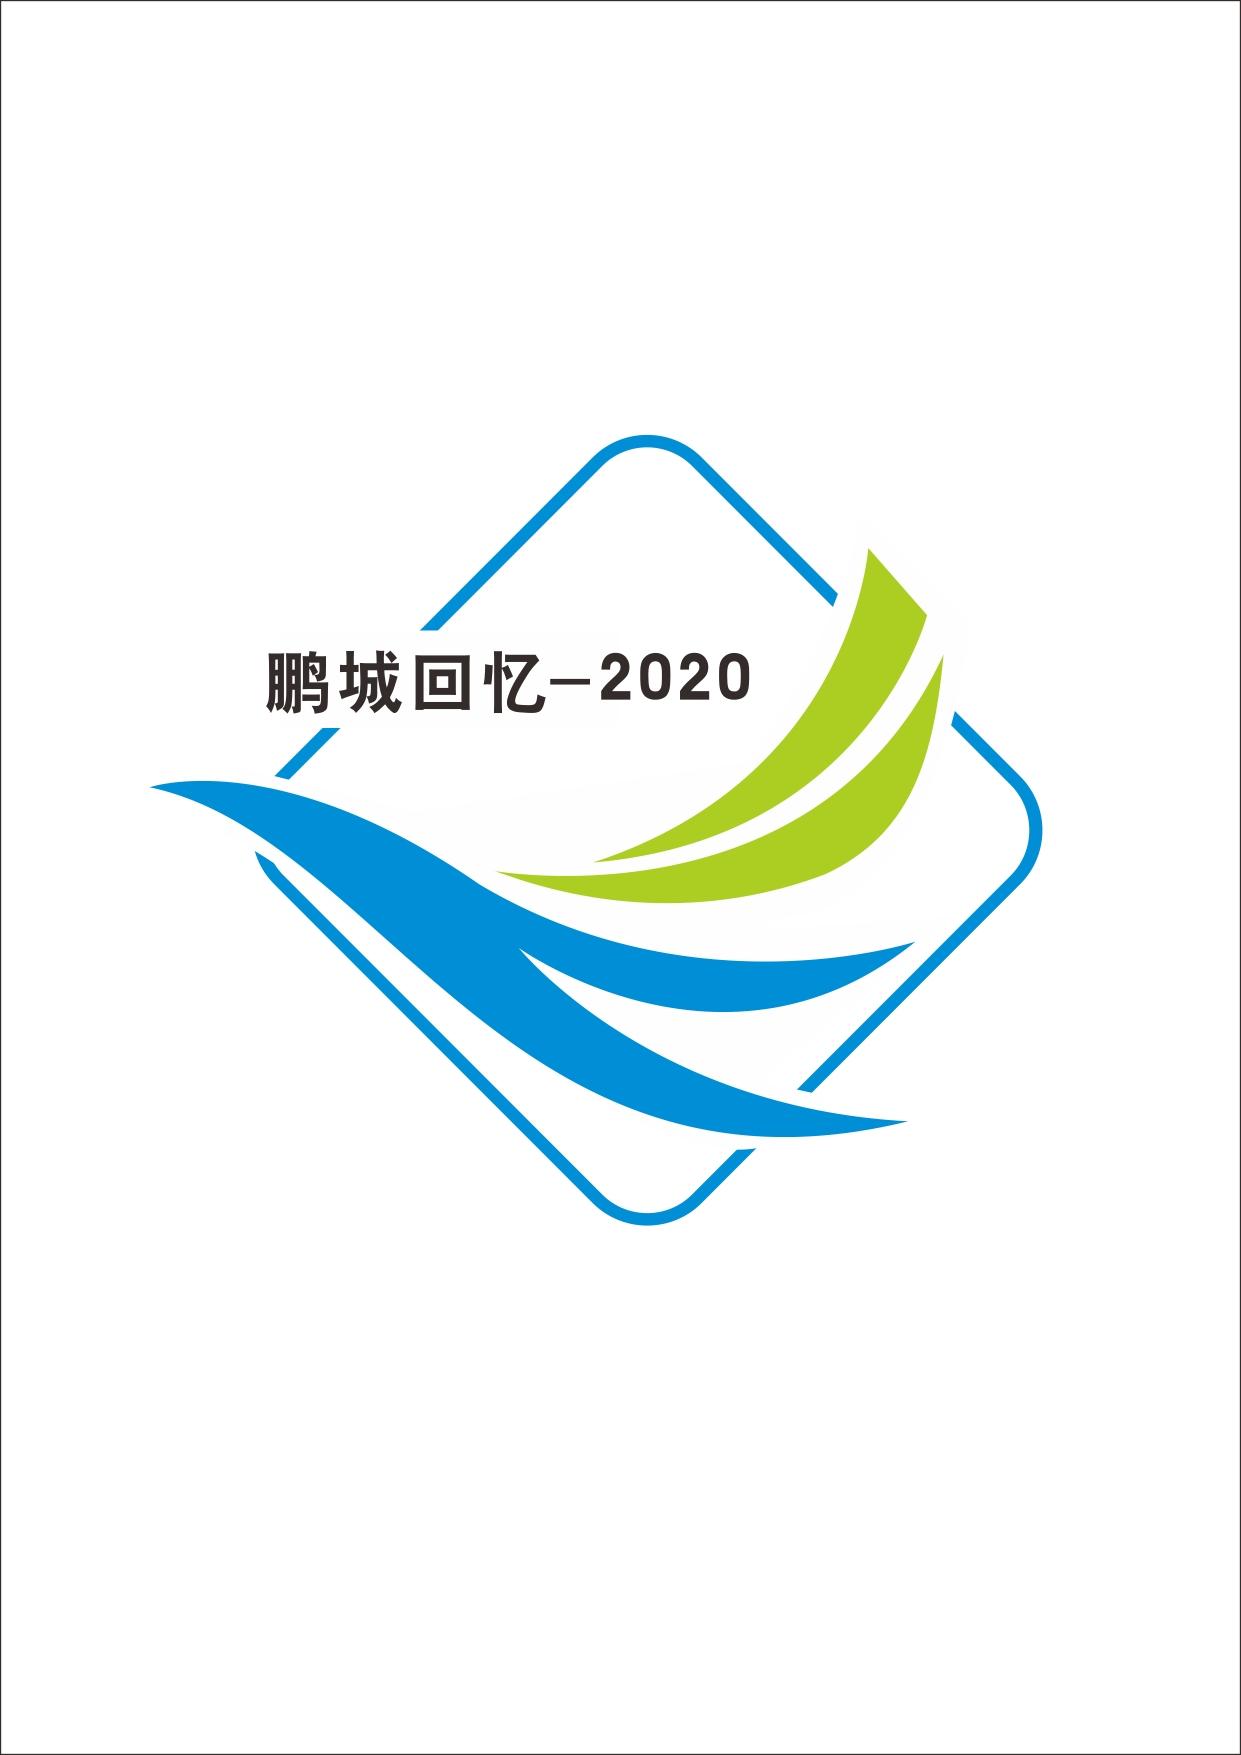 鹏城回忆-2020_3036105_k68威客网